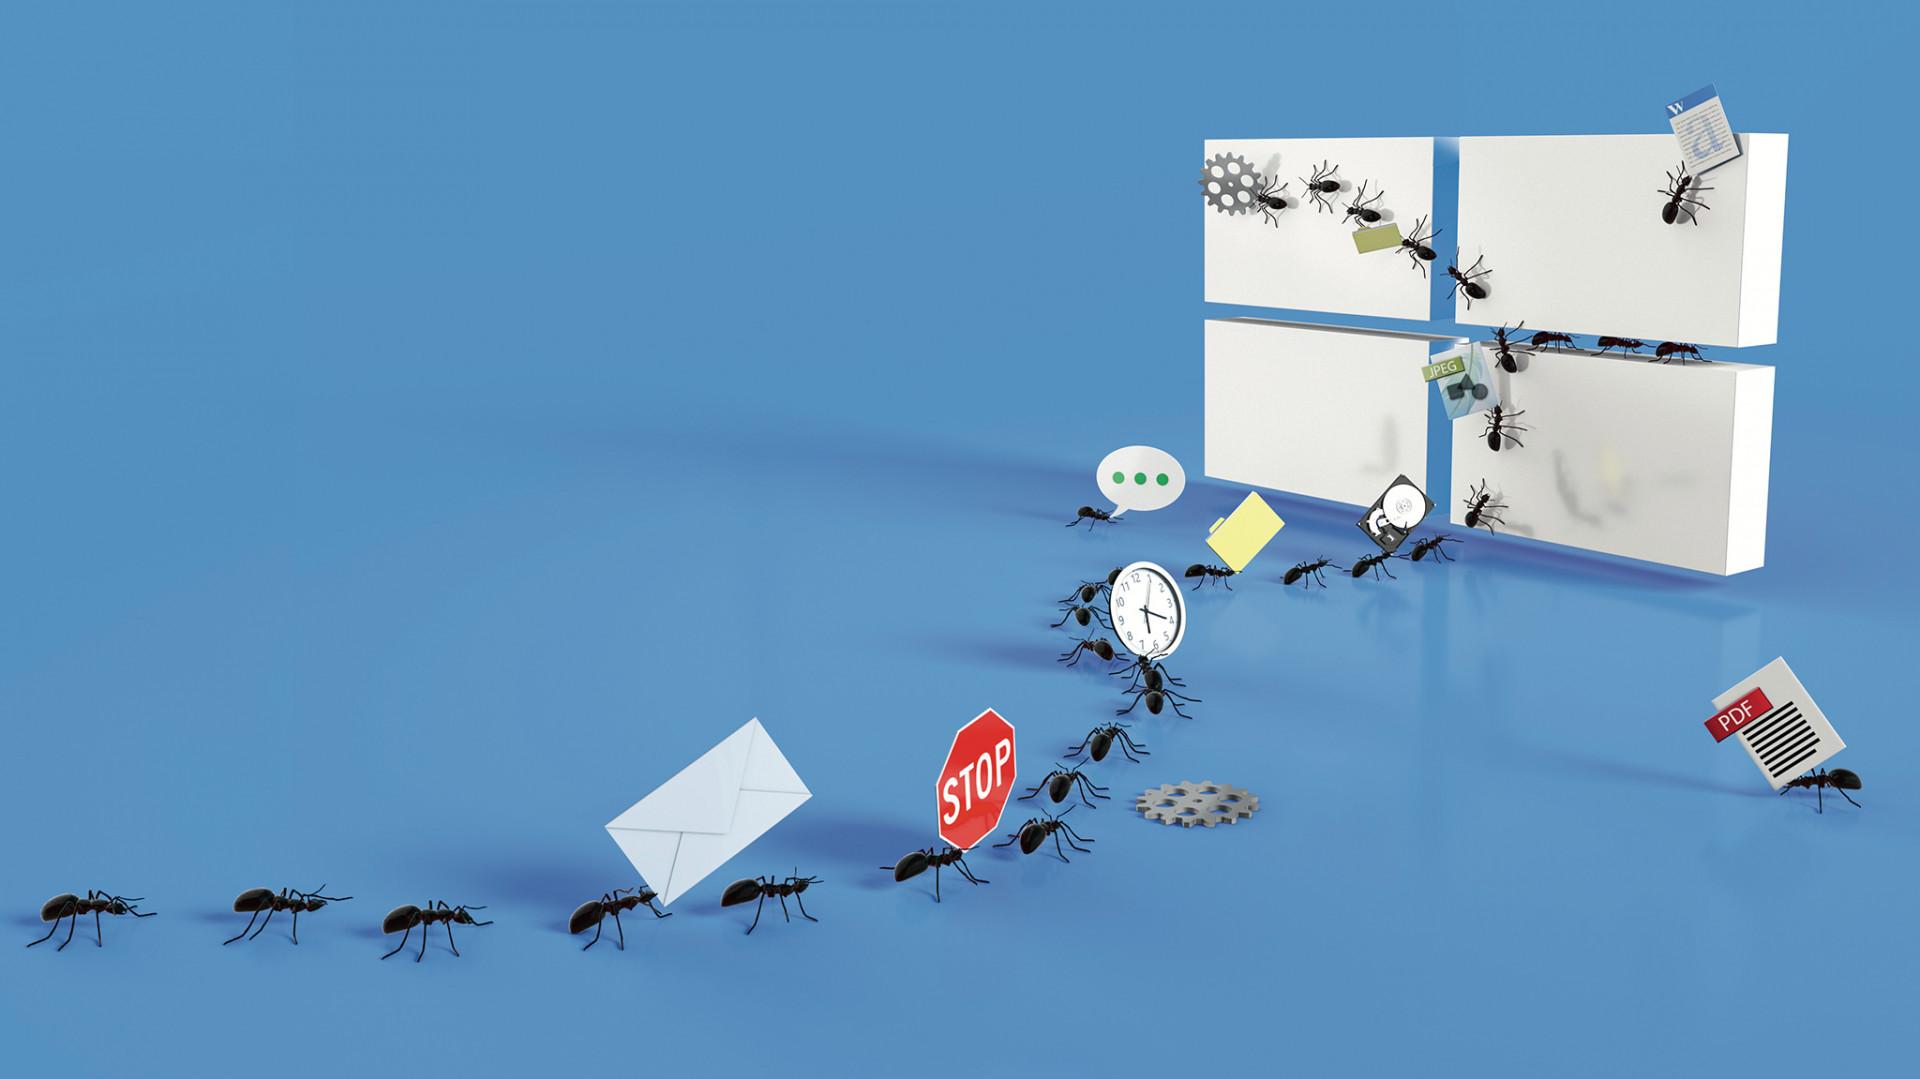 Windows-Aufgabenplanung im Griff | heise online